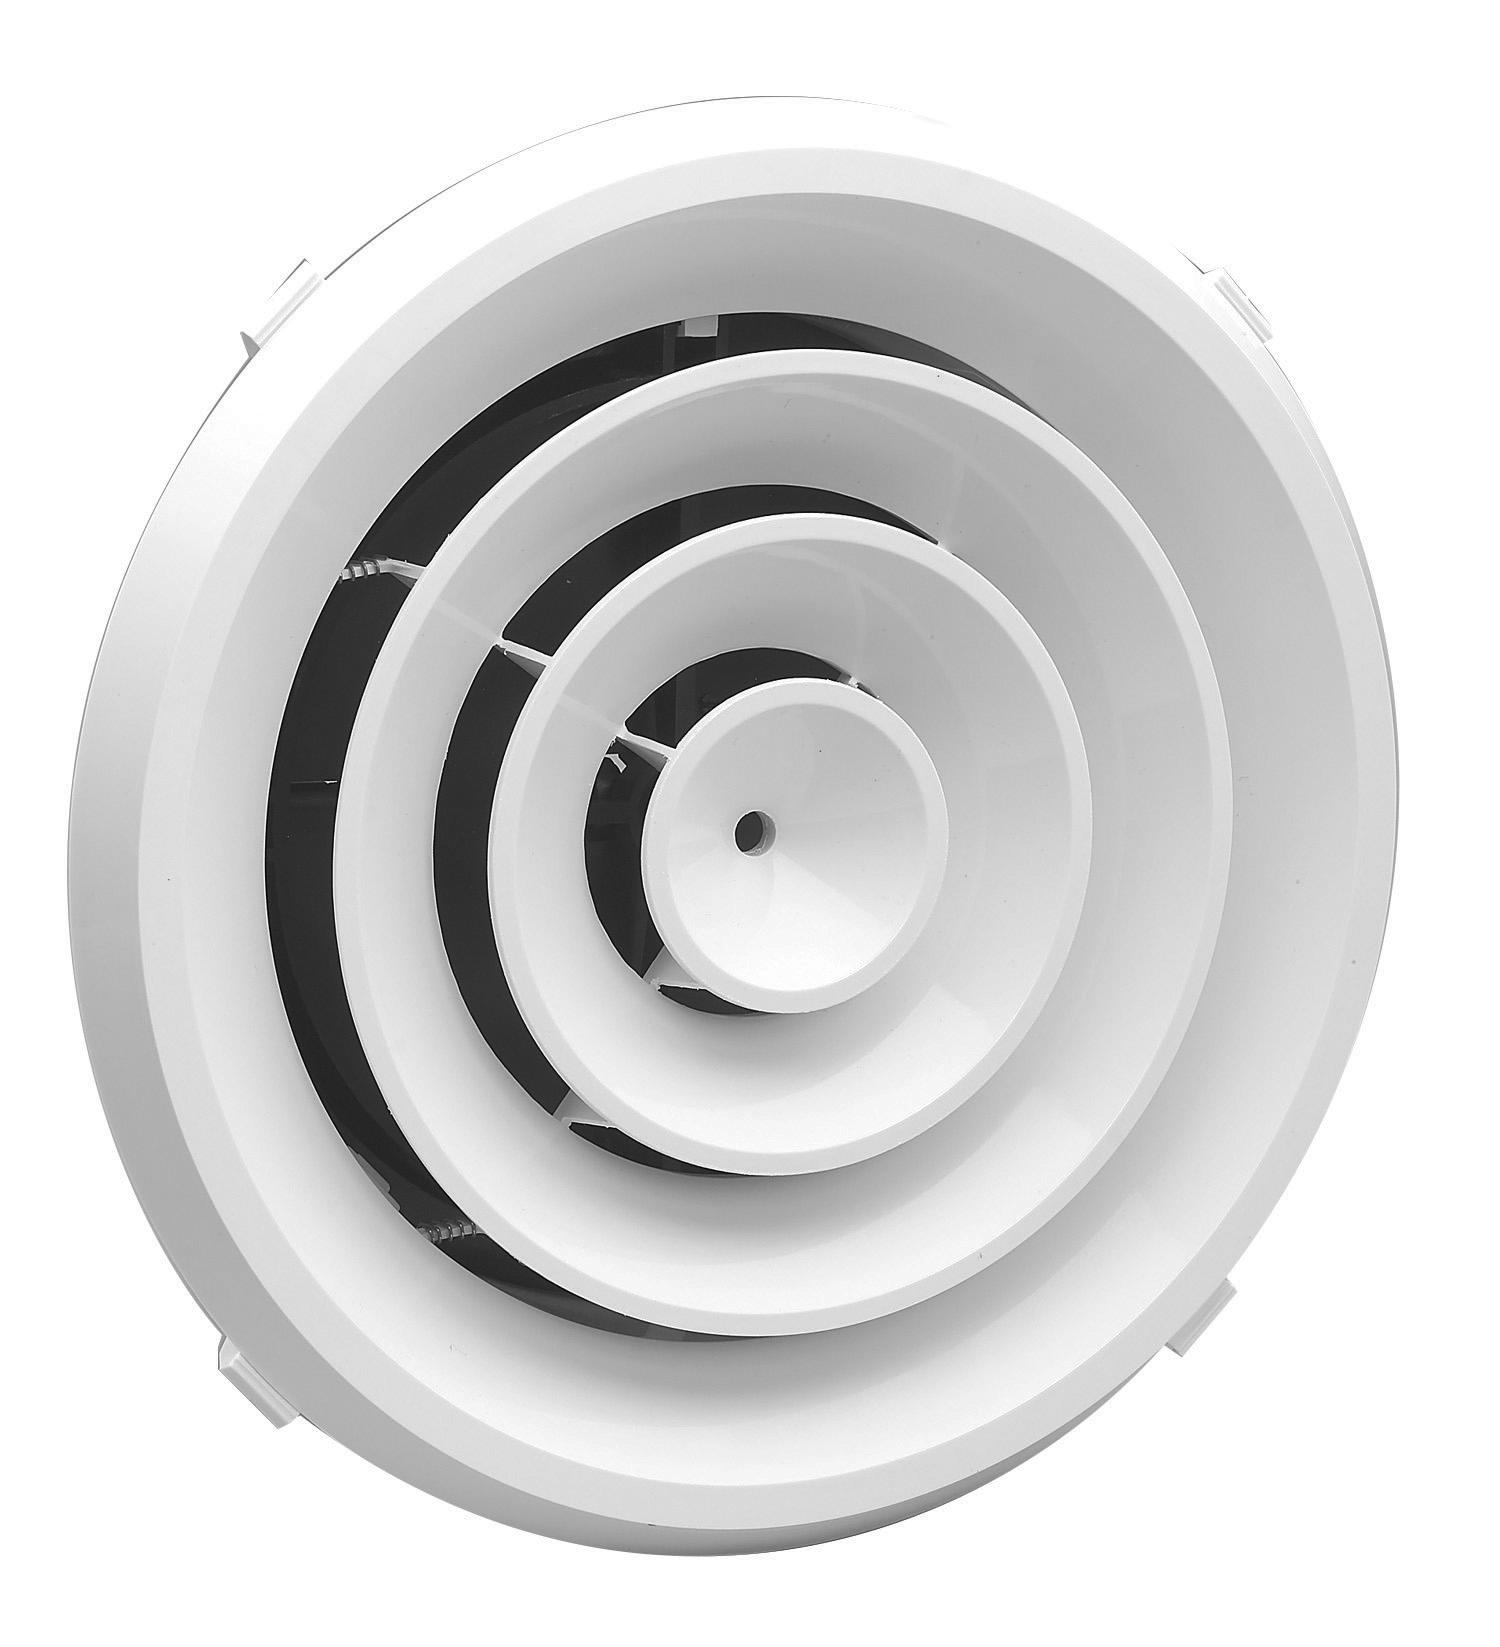 Rezzin Round Ceiling Diffuser Airmate